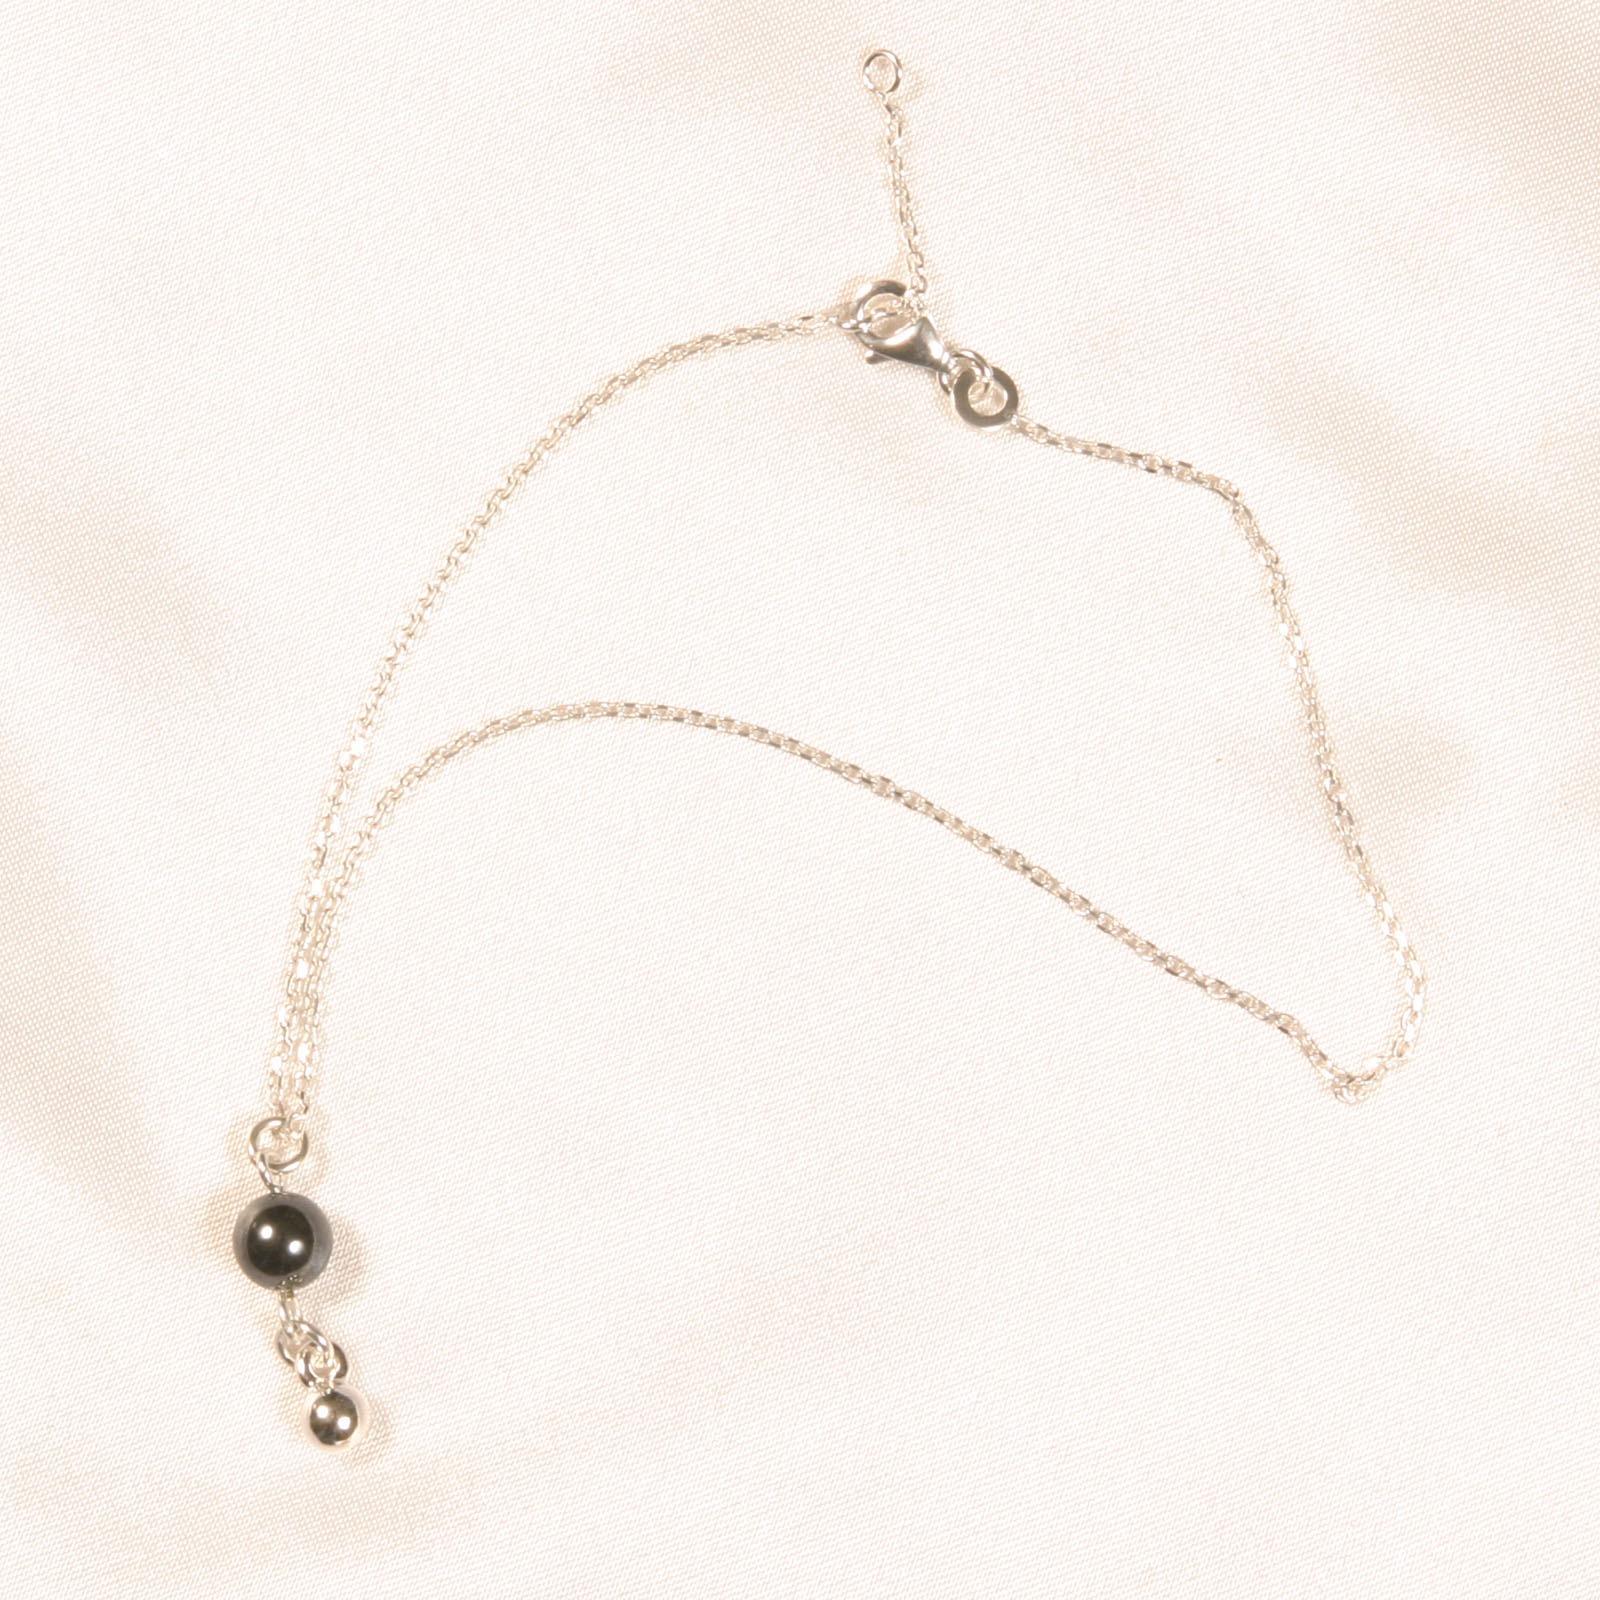 chc36 0 cheville perle hematite et argent.jpg